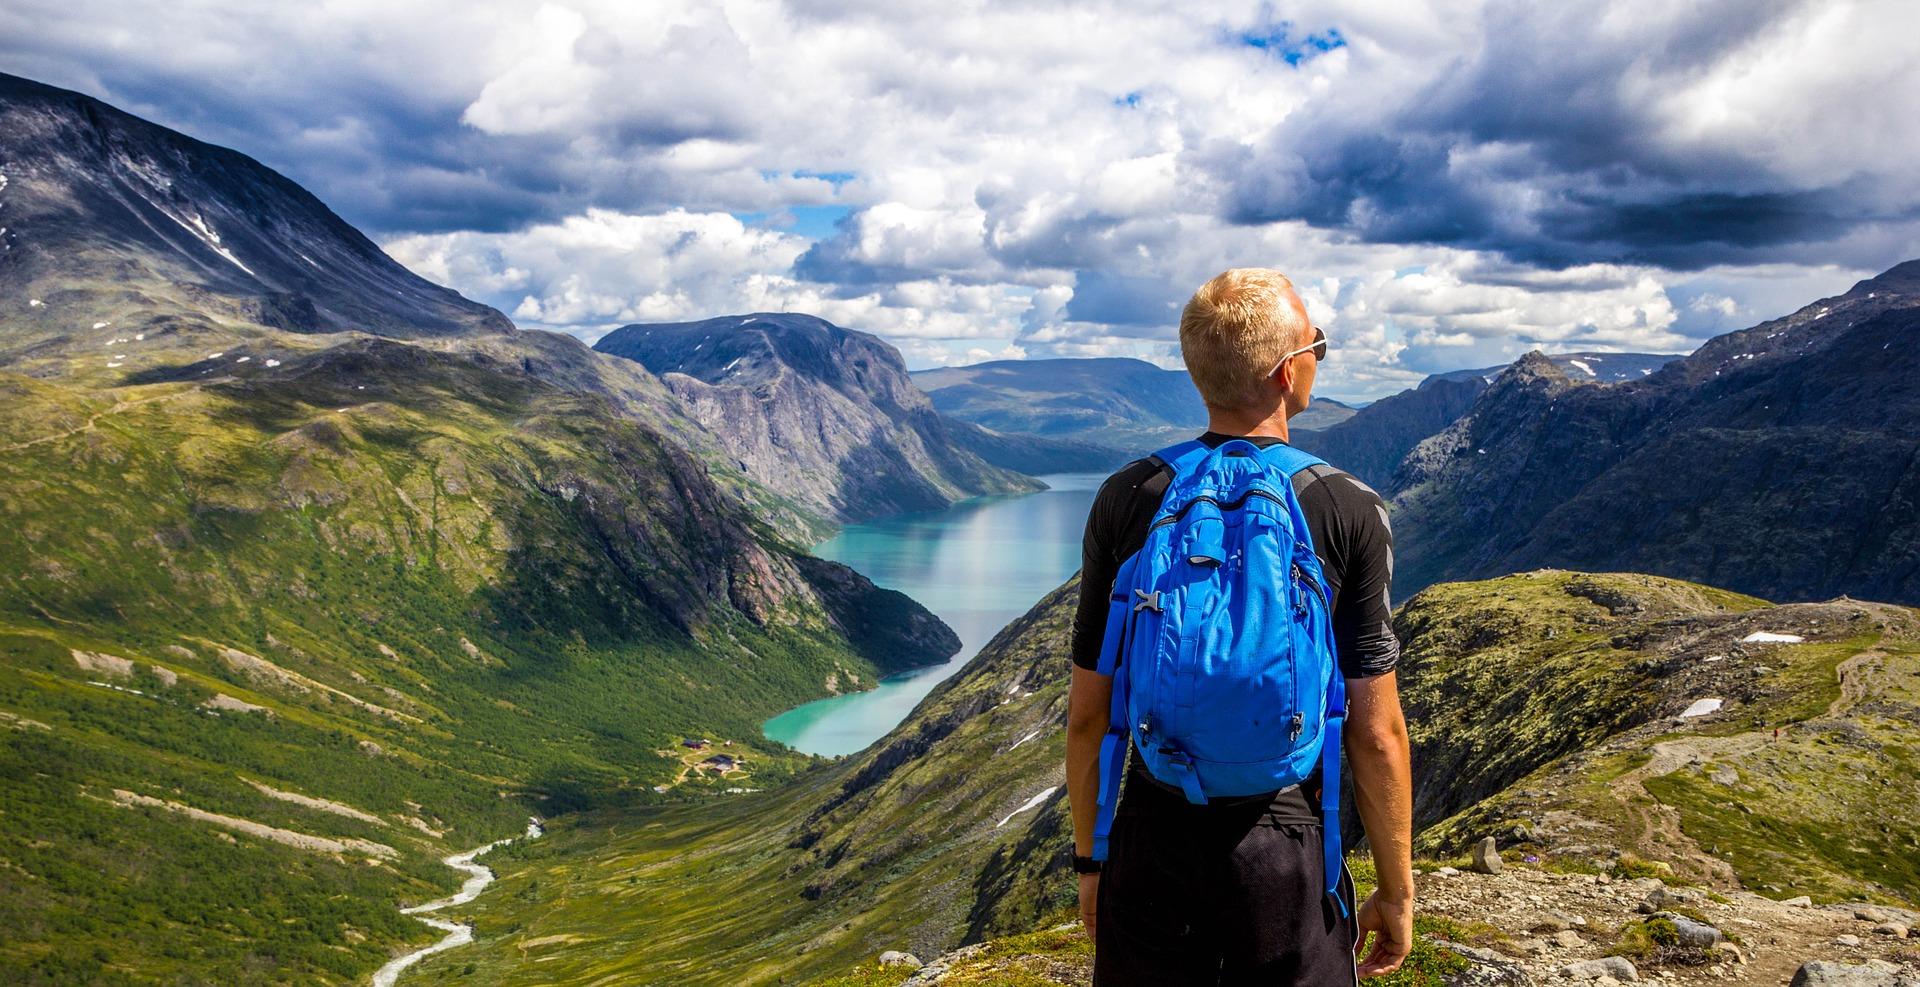 A fi sau a nu fi backpacker: Mic ghid pentru începătorii într-ale backpacking-ului